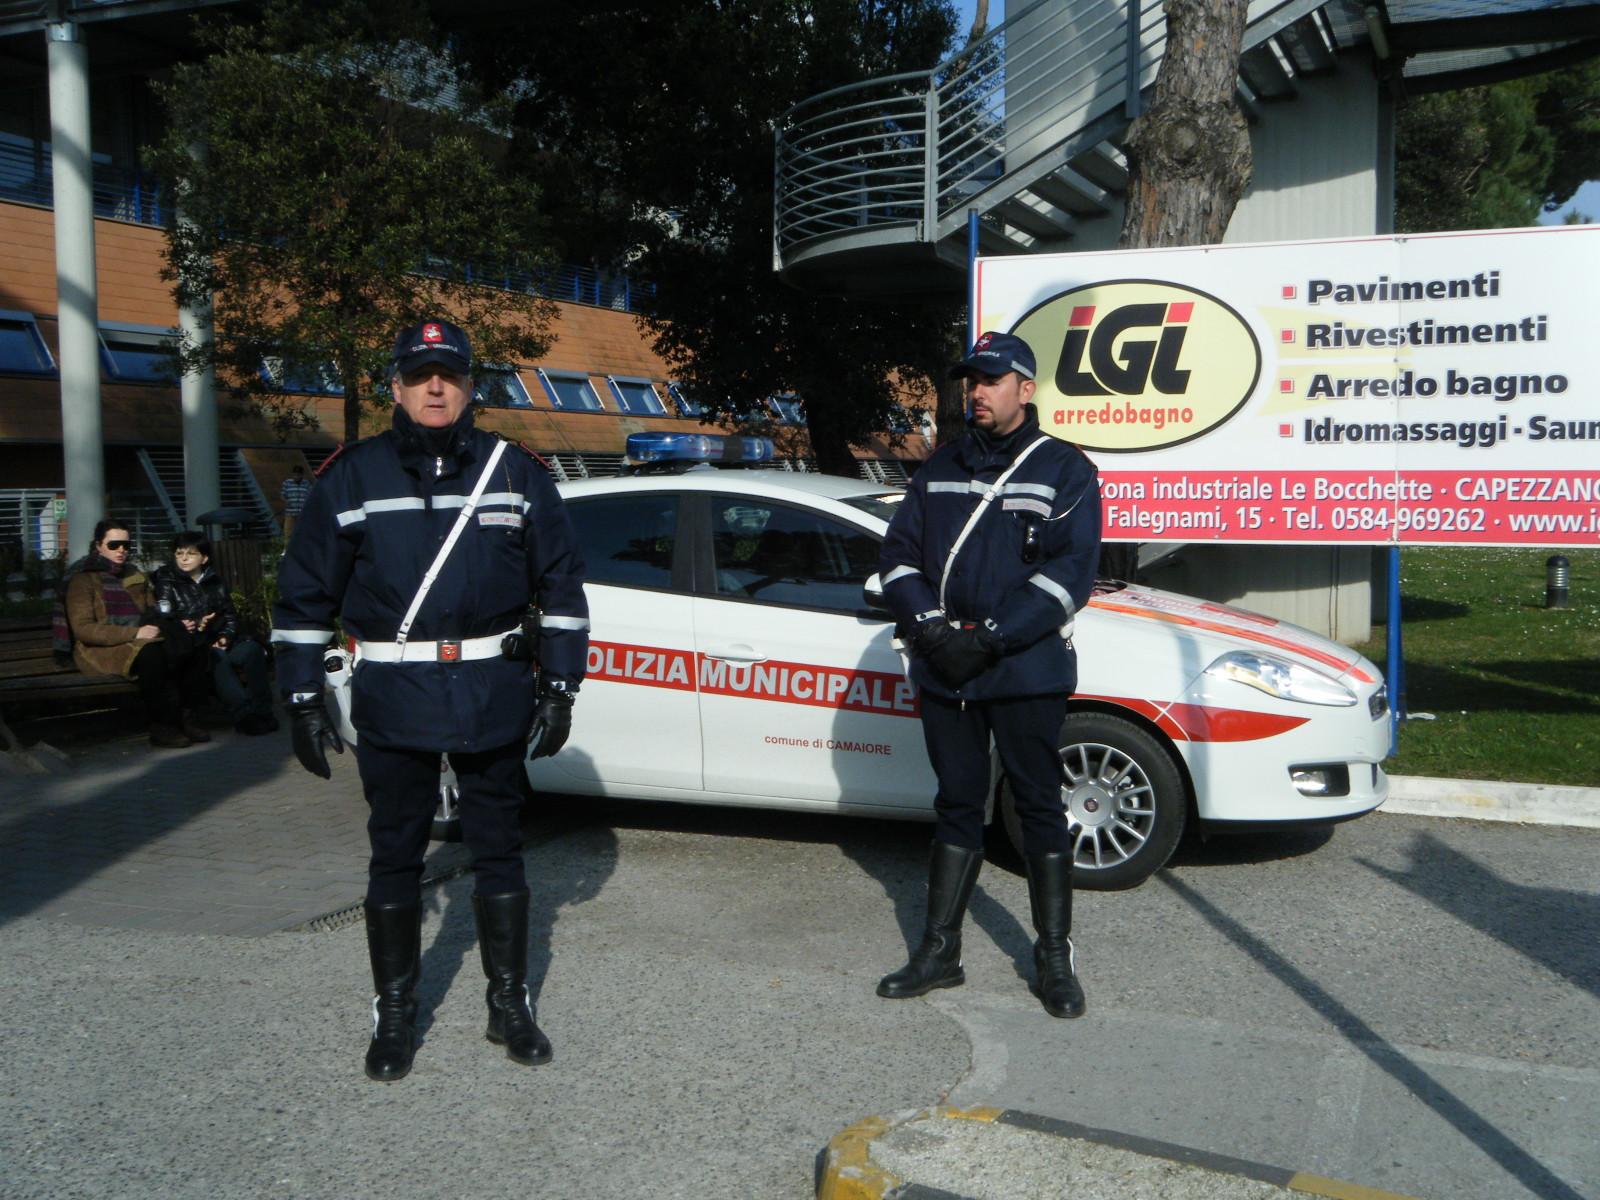 Oltre 44 mila veicoli controllati, il bilancio della Polizia Municipale di Camaiore